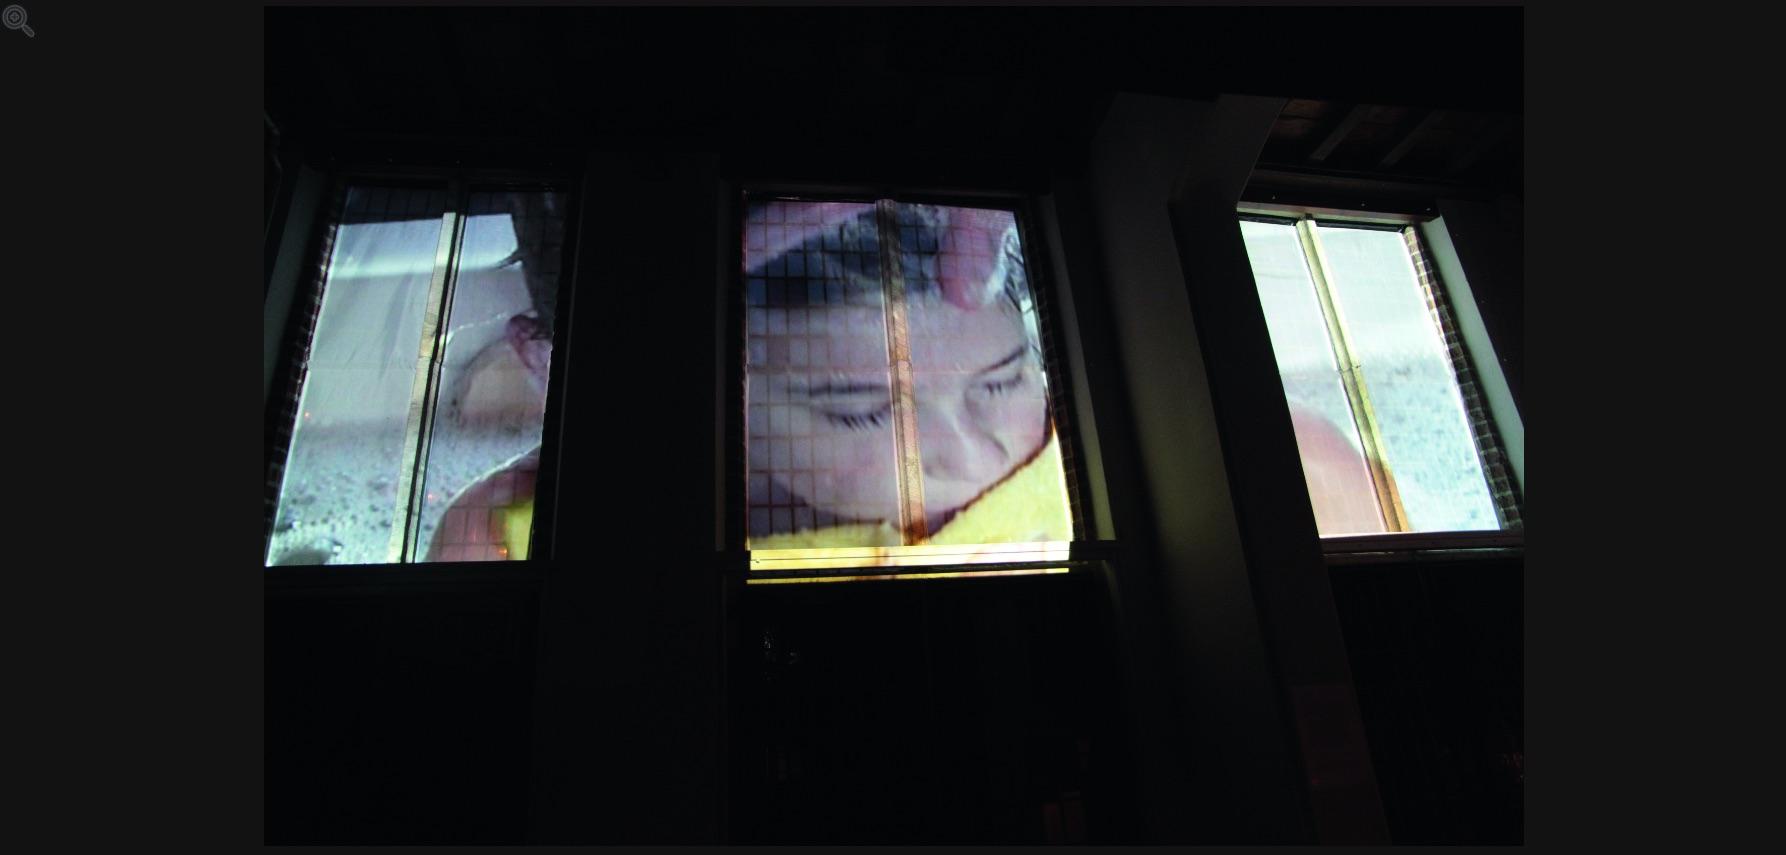 Kuntnacht 2011 - Martijn Schinkel + Thomas Verbogt   Het boek 'Herfst in het oosten' dat Thomas Verbogt n.a.v. de residentie in 2009 schreef, werdop 24 september gepresenteerd. In opdracht van Dziga en het AIR Besiendershuis maakte Martijn Schinkel het videowerk 'Mijn Ziel' bij het pas verschenen boek.